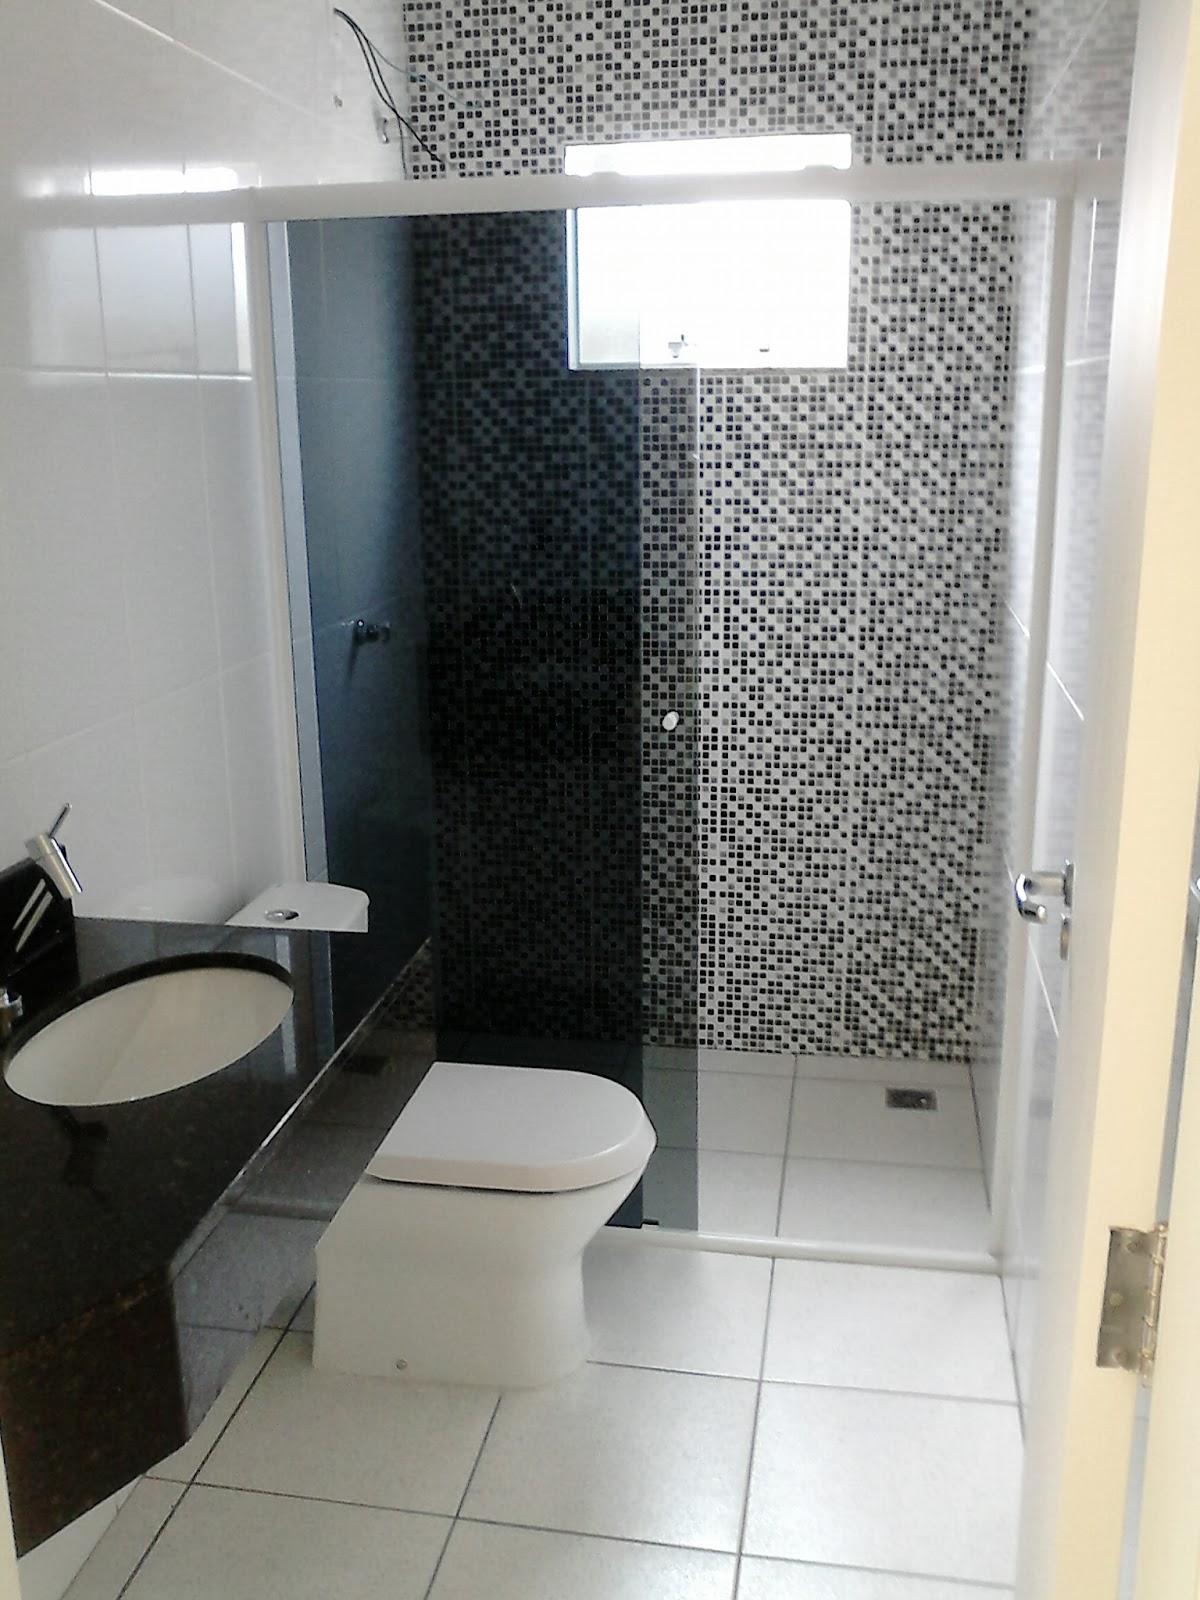 Odisseia Habitacional: Banheiros prontos e limpos #434F5B 1200 1600